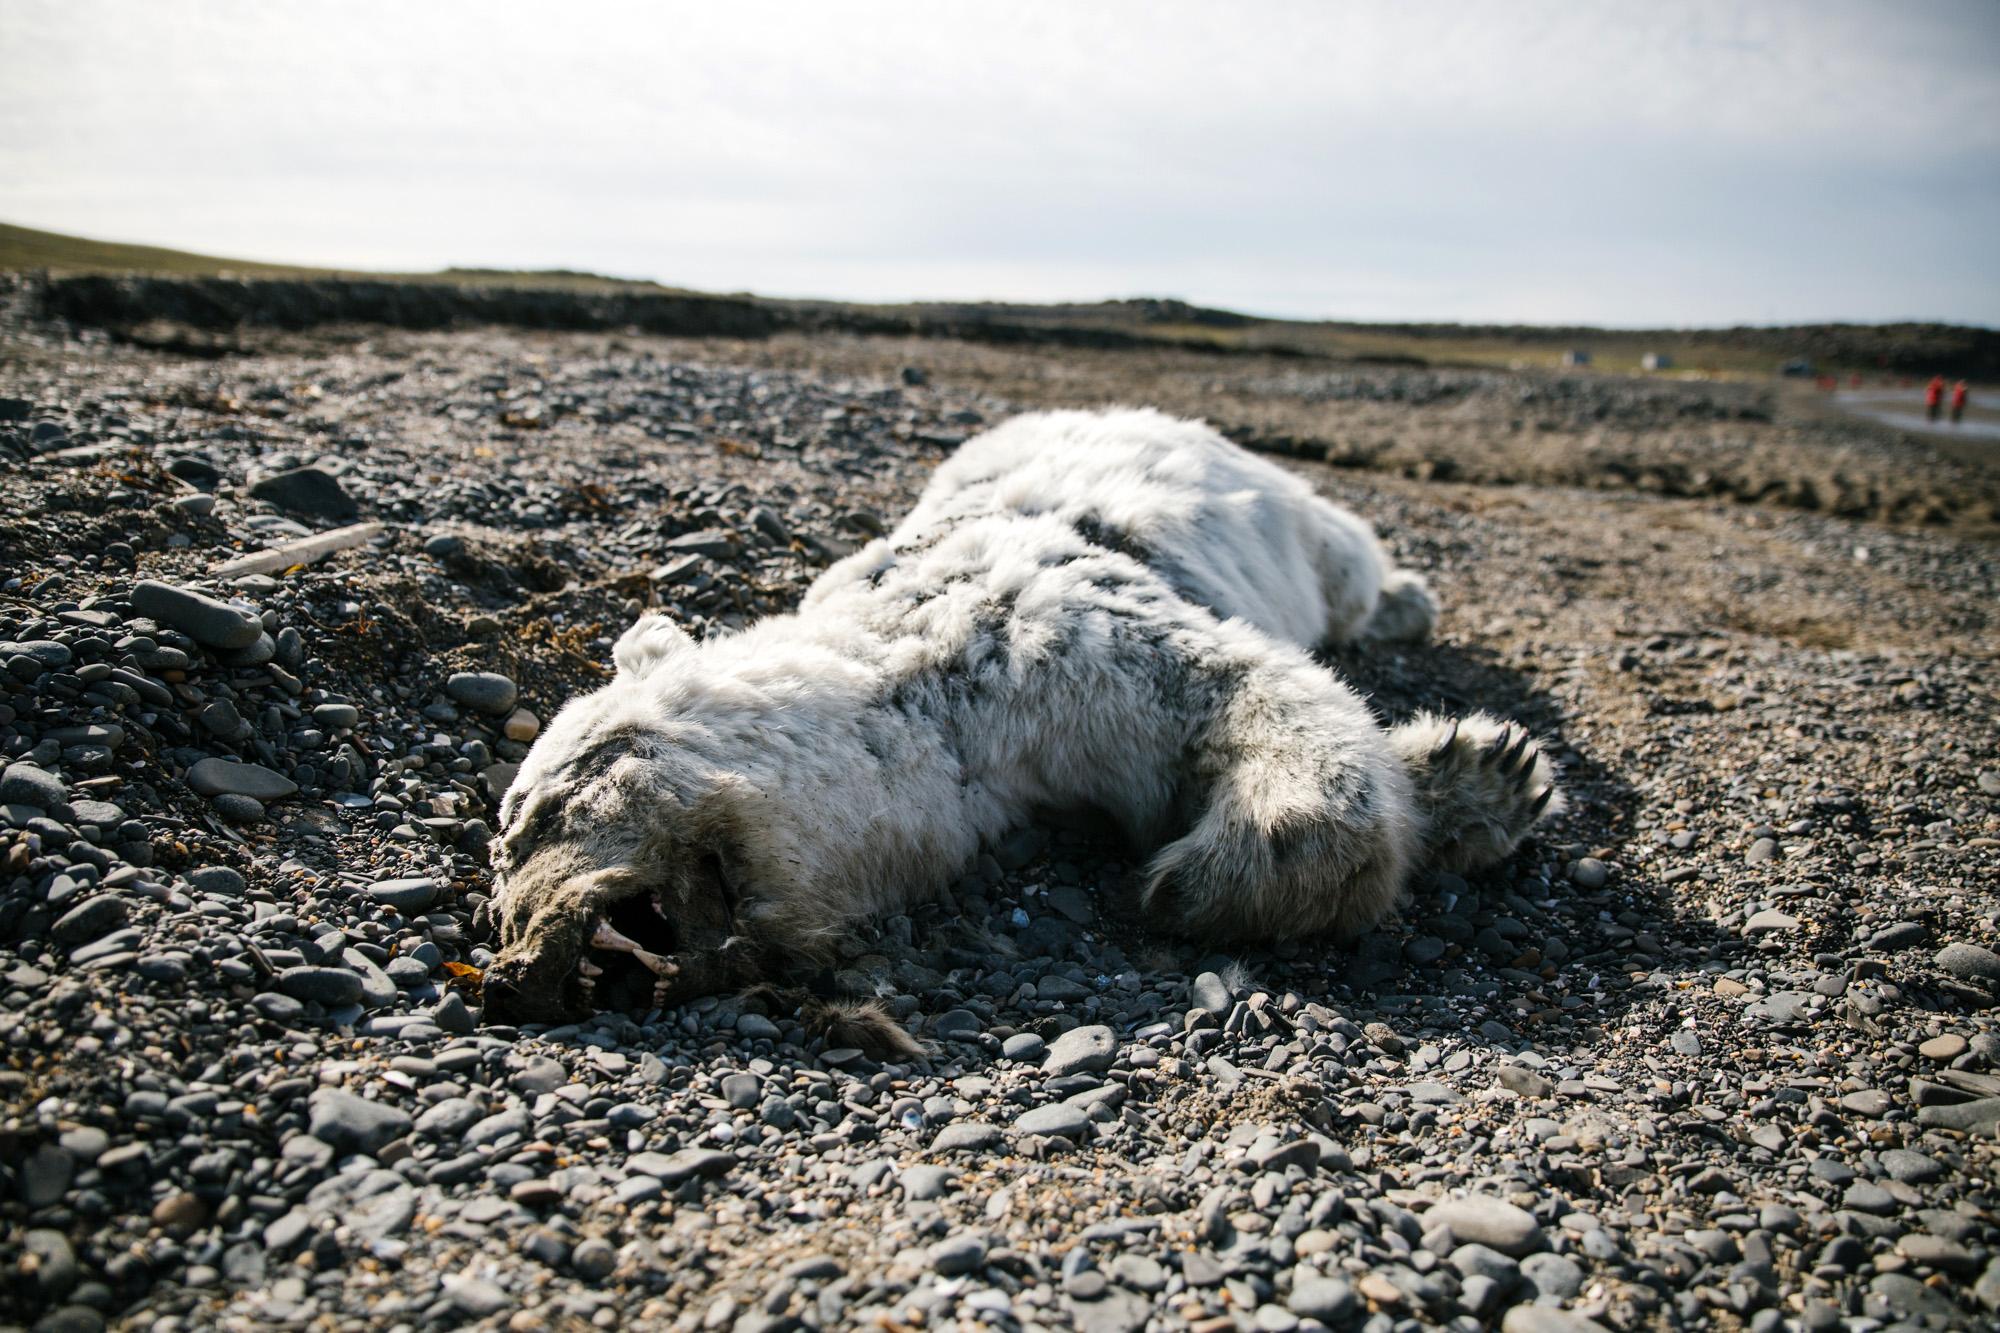 Toter Eisbär